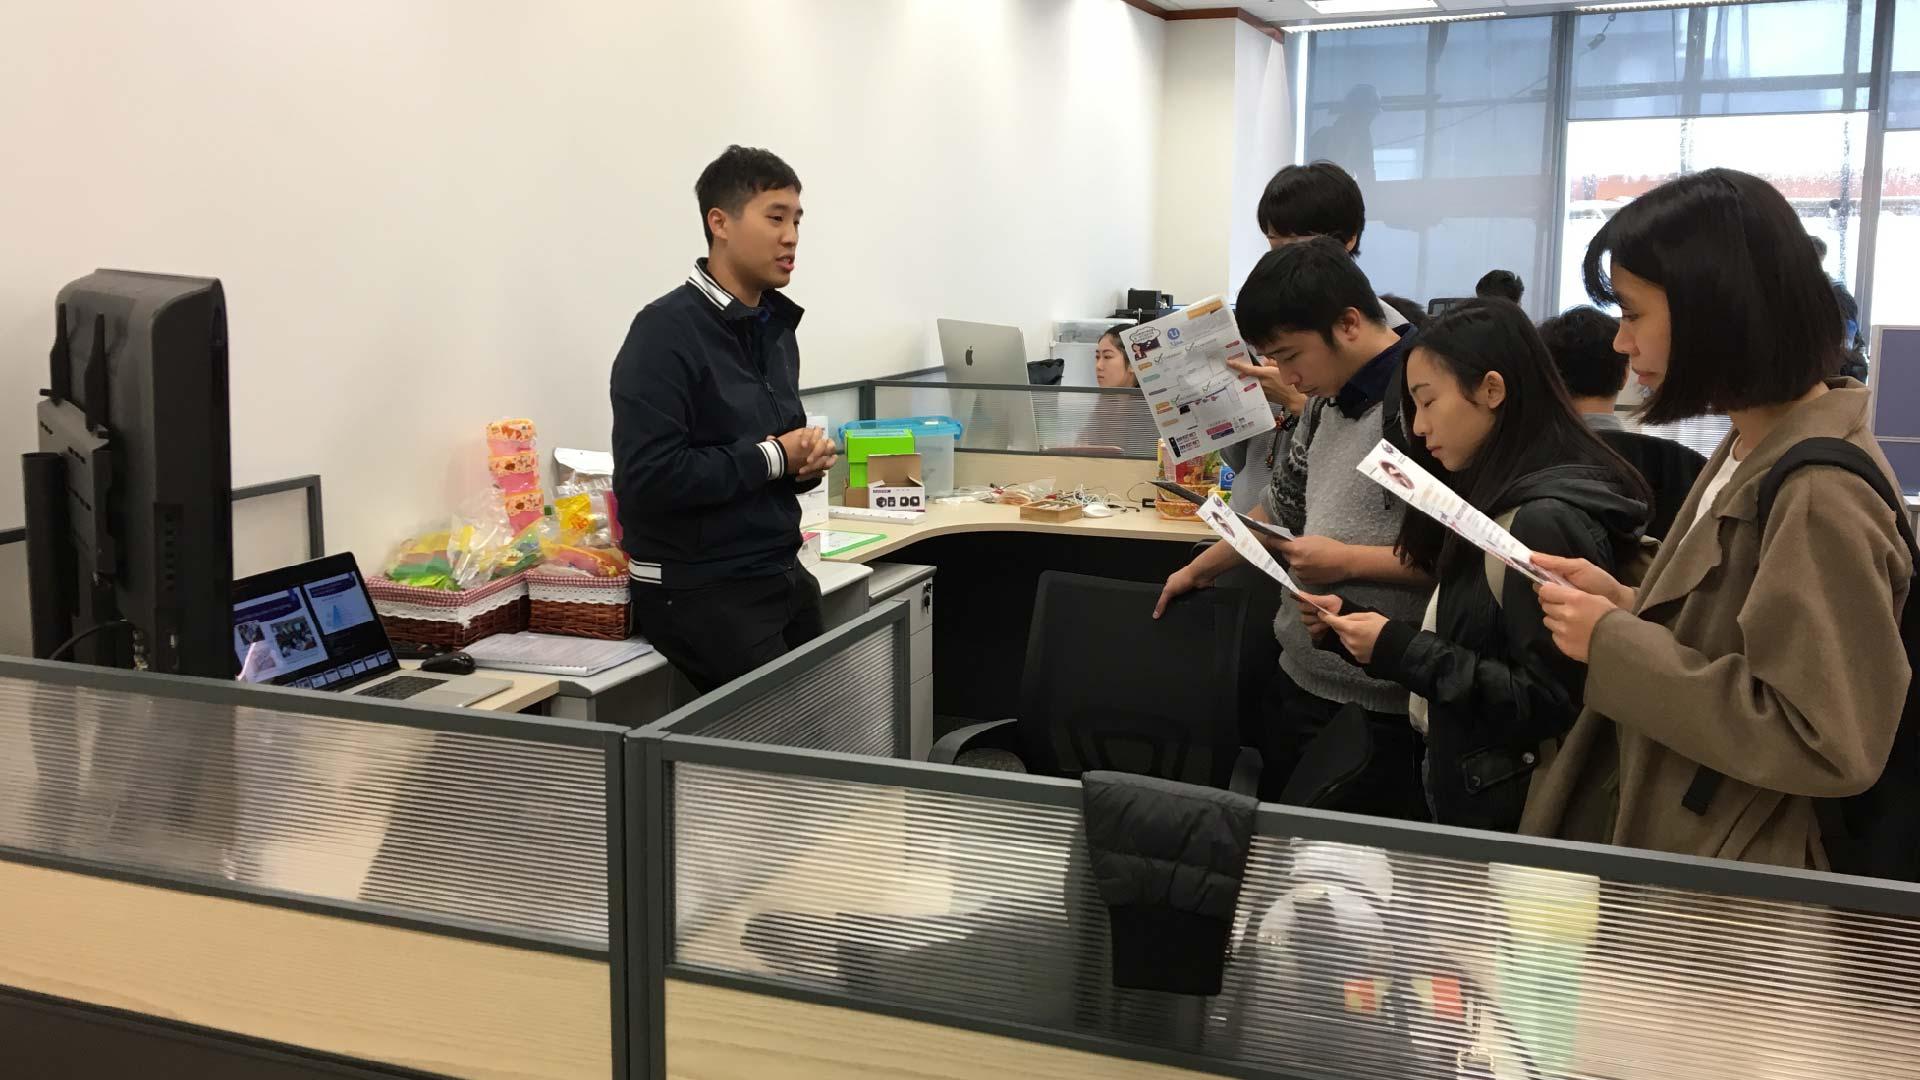 The Hong Kong Federation Of Youth Groups visit 5